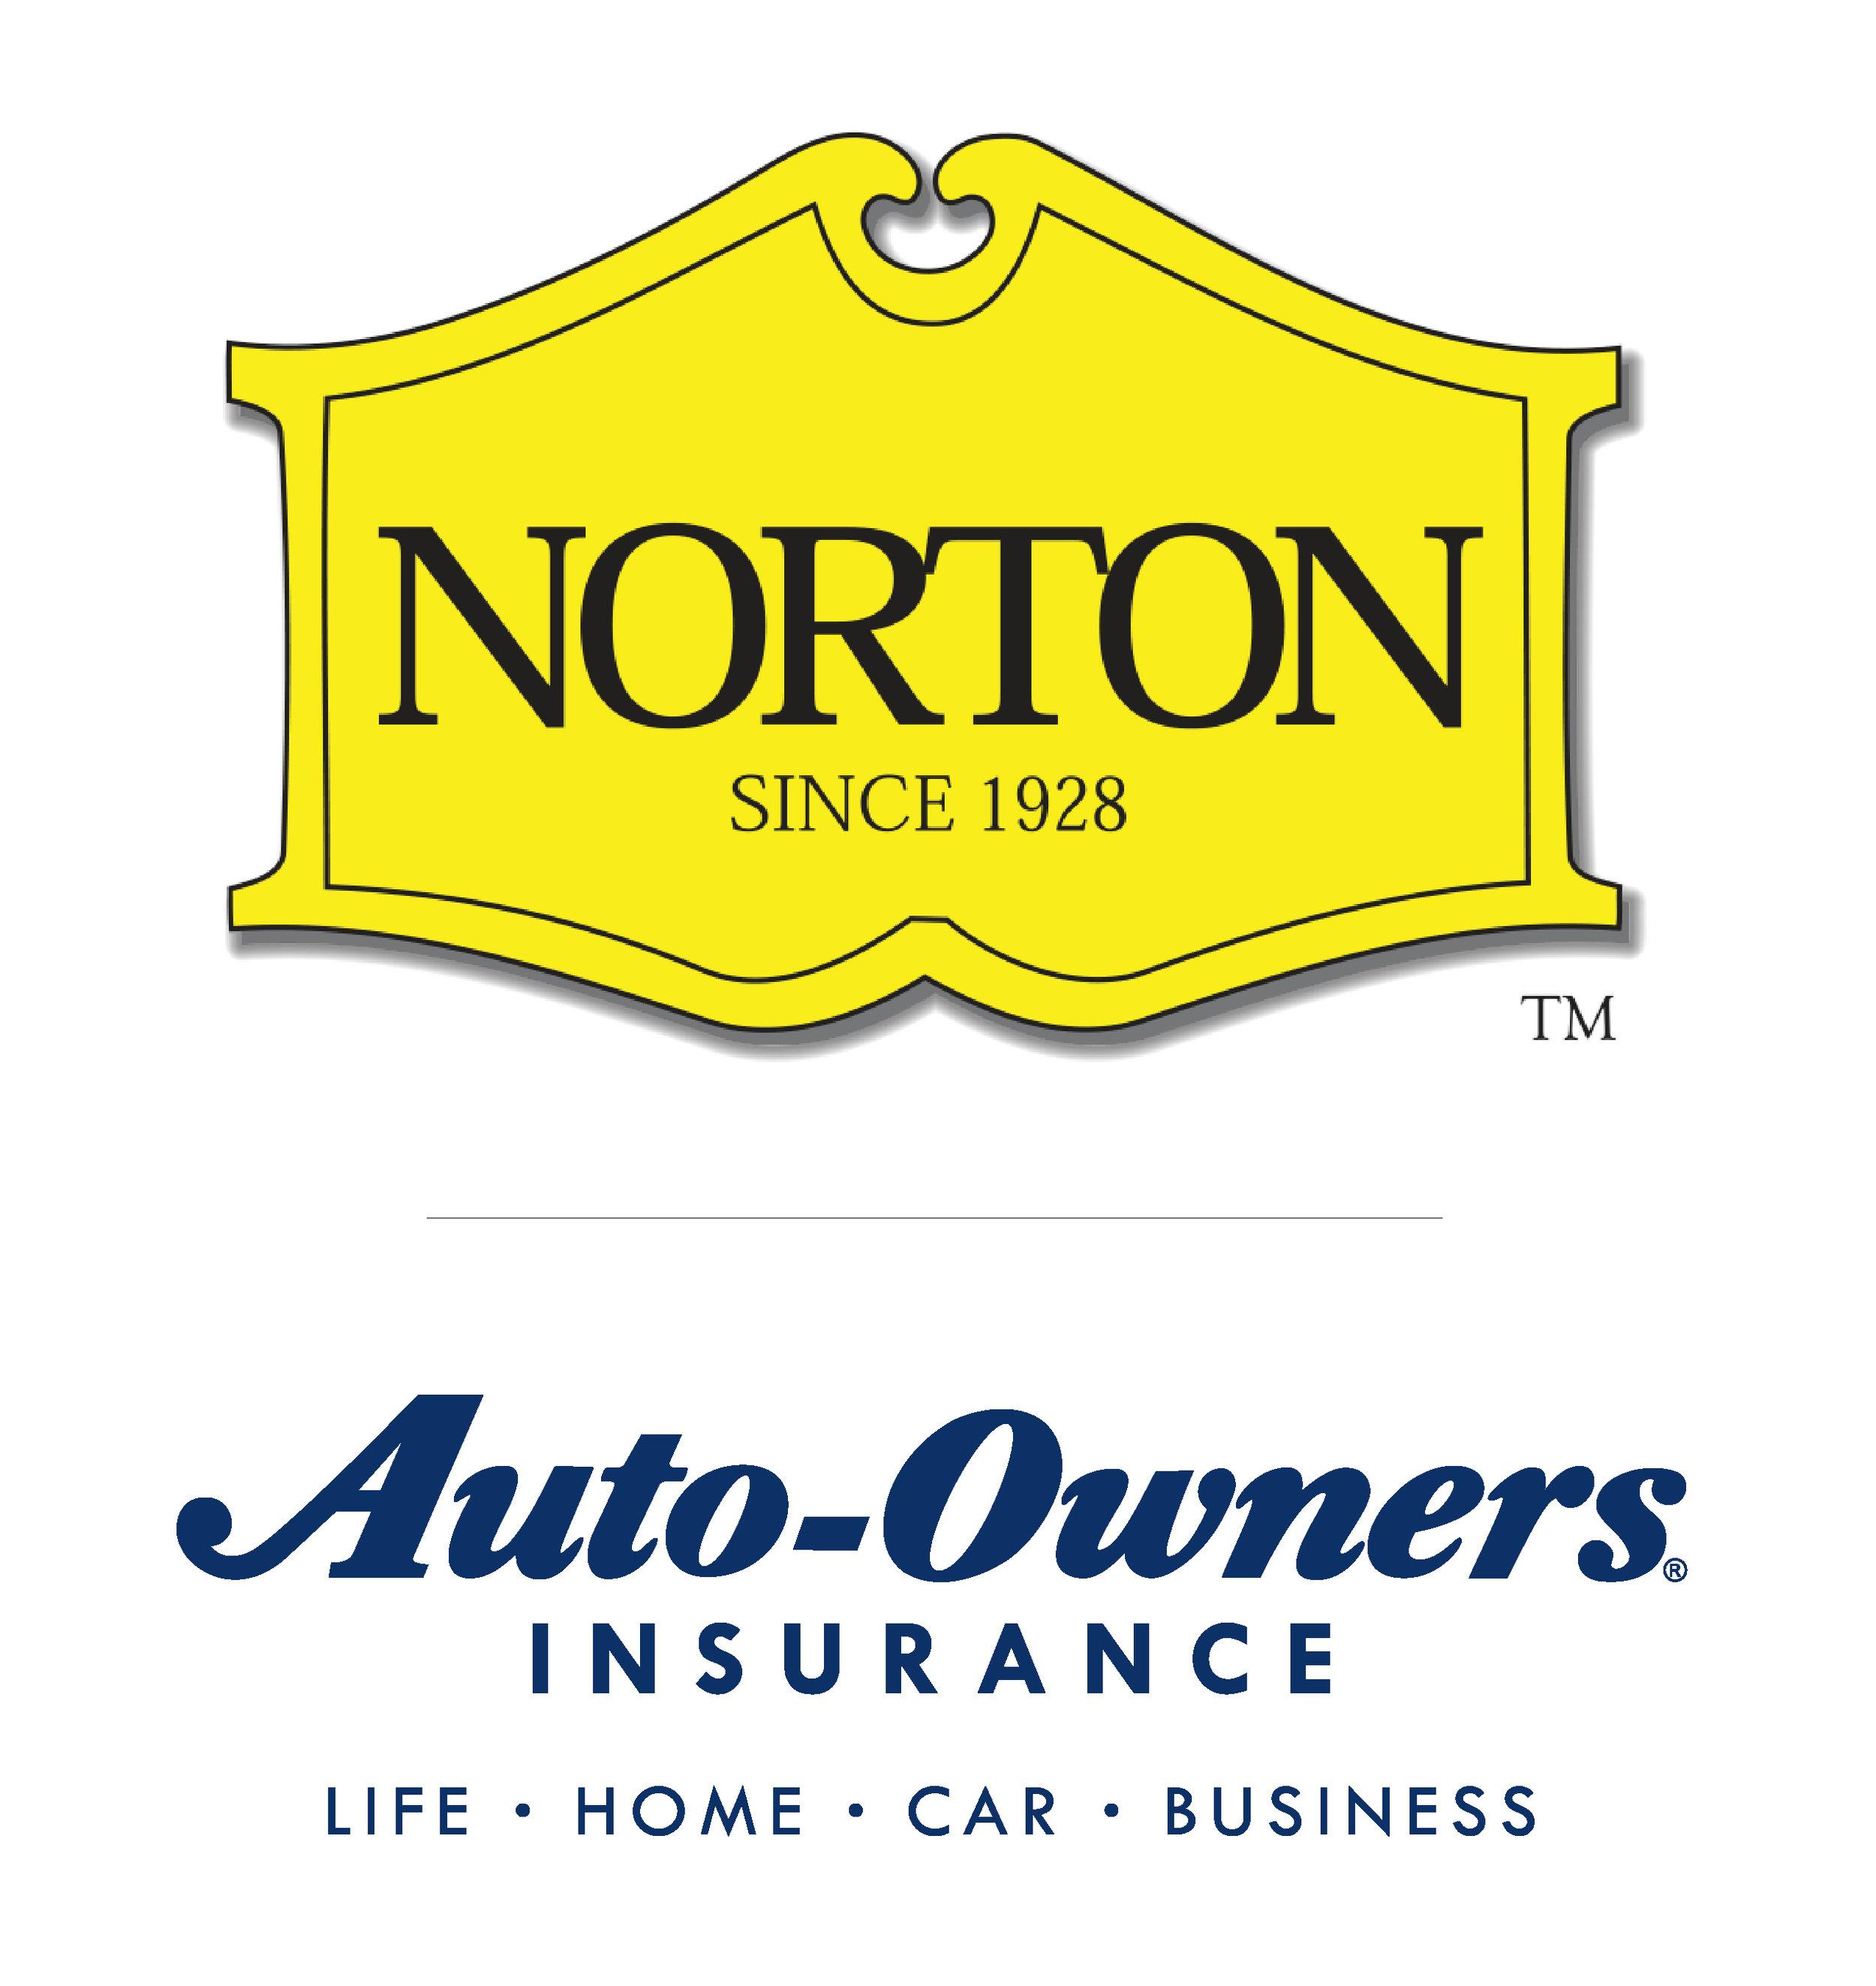 A-O_Norton_vertical.jpg